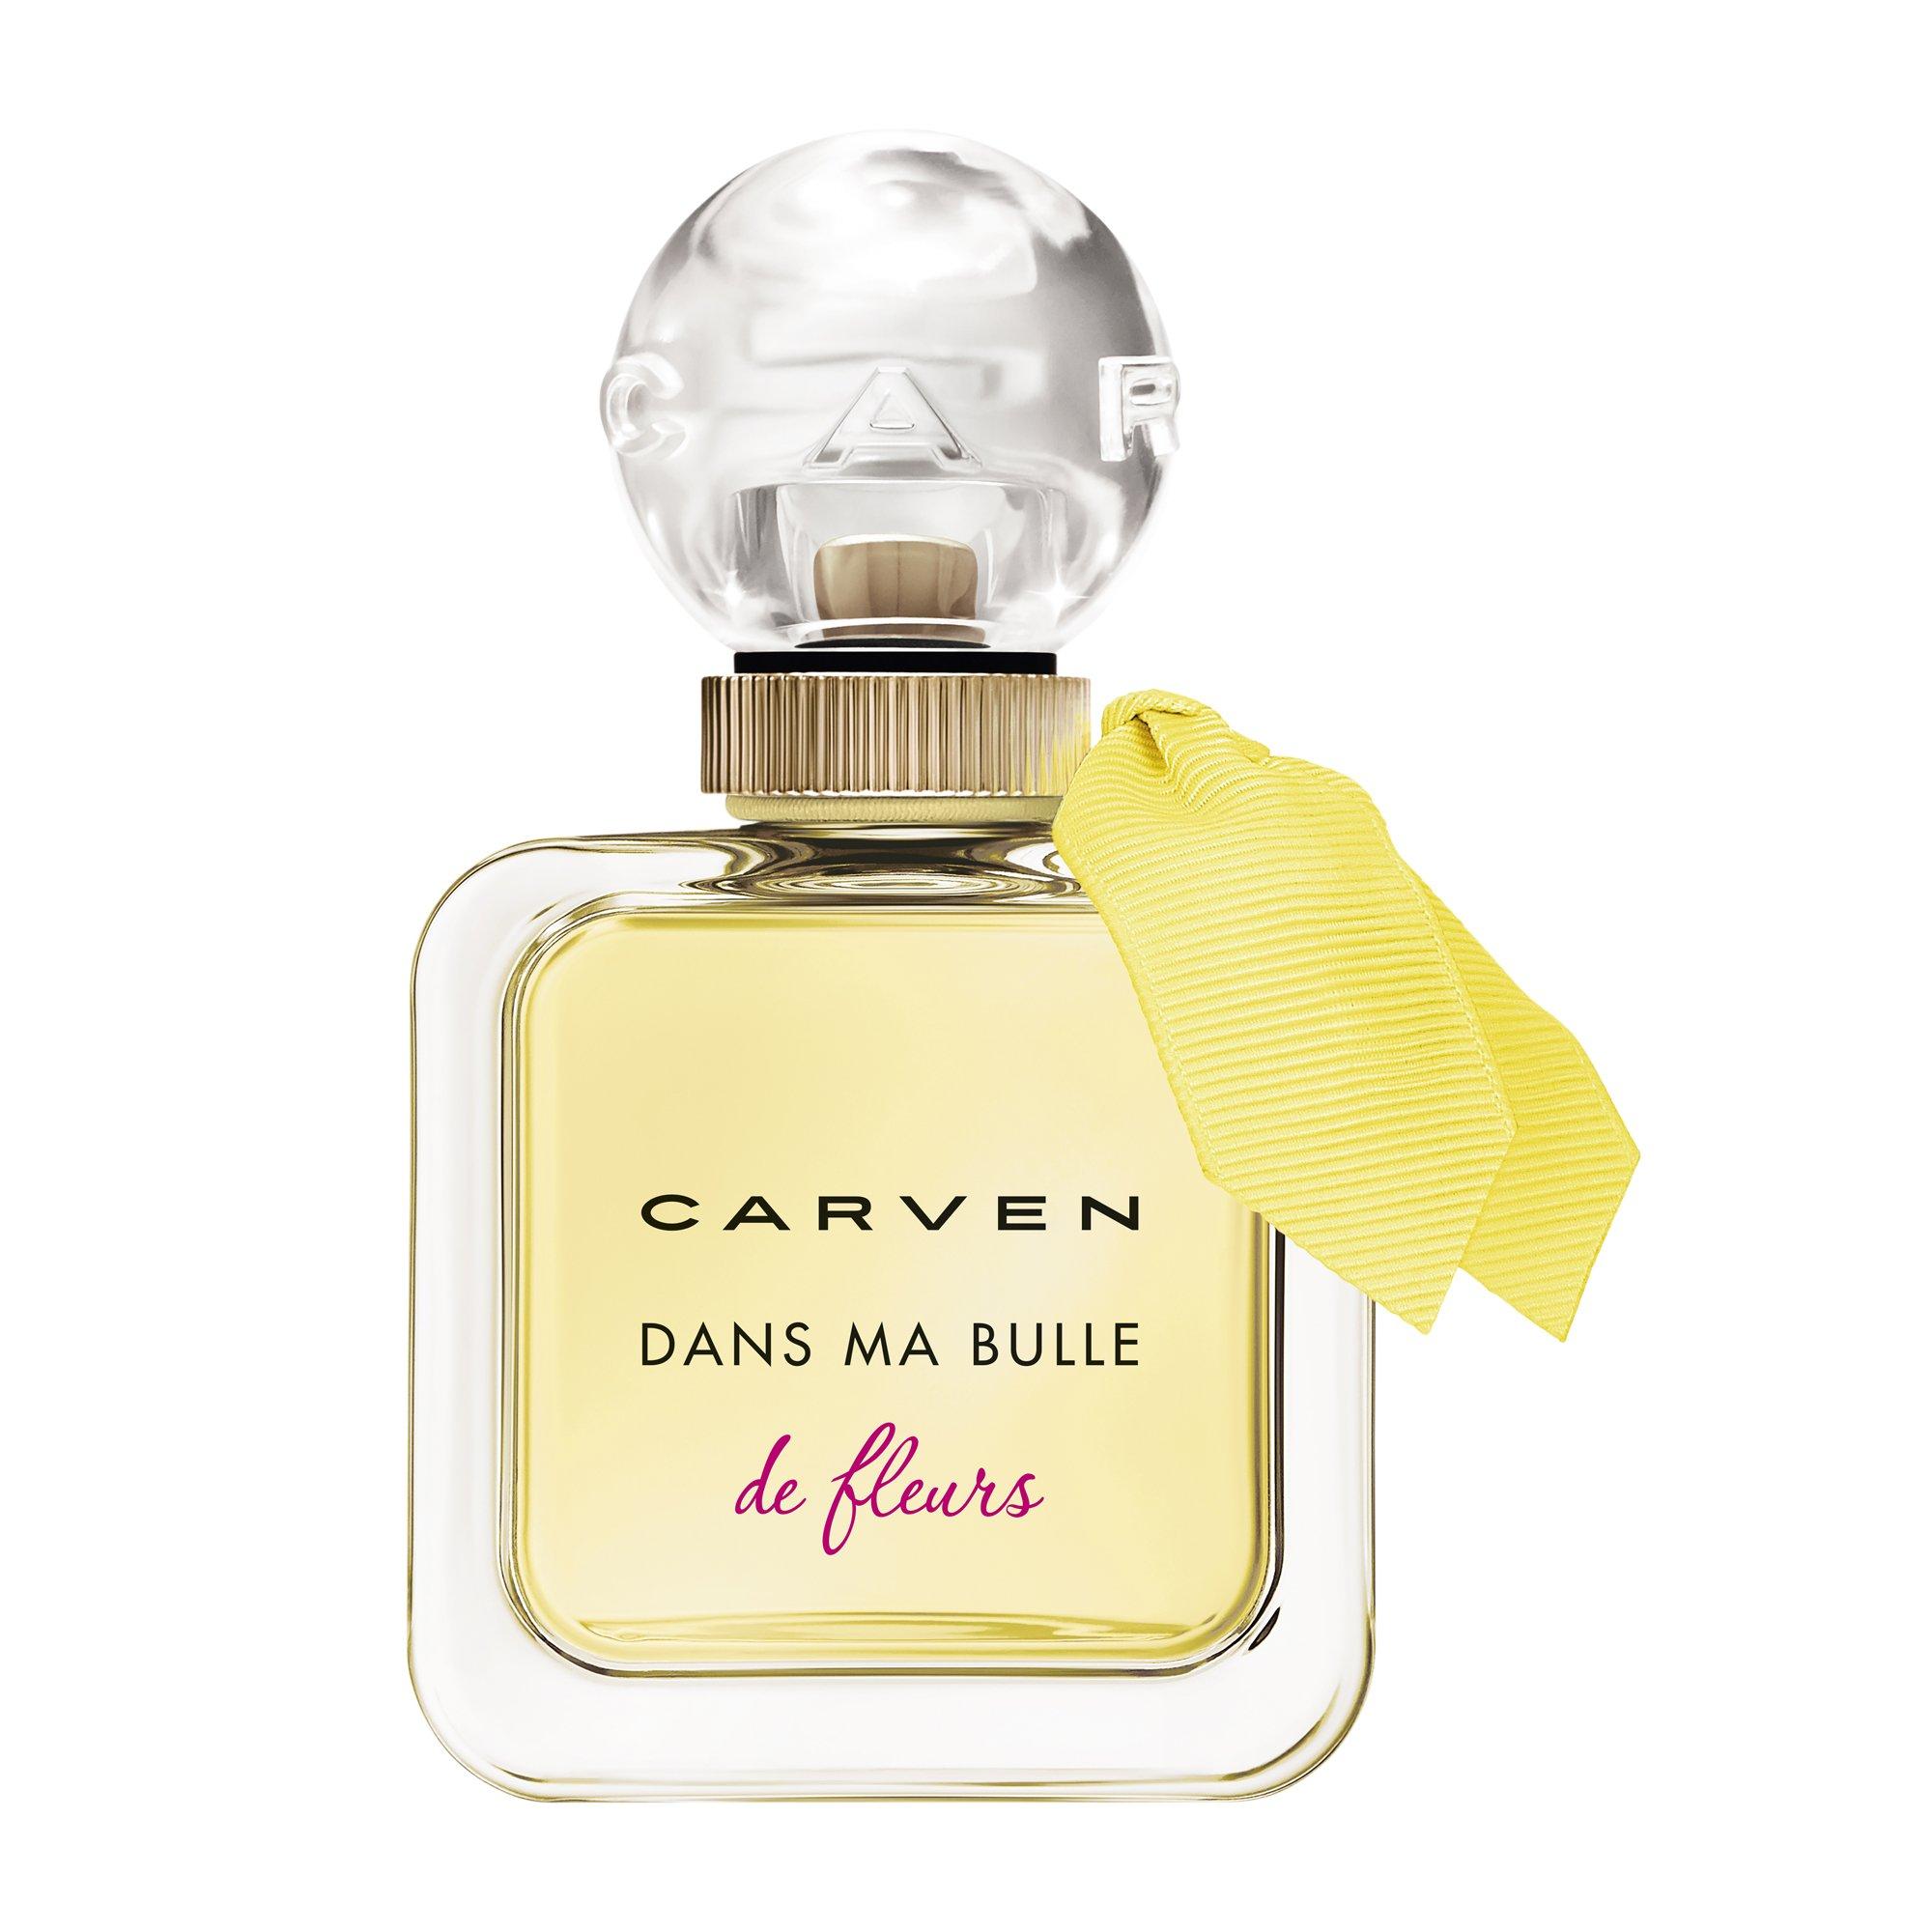 Carven - Dans Ma Bulle de Fleurs EDT 50 ml